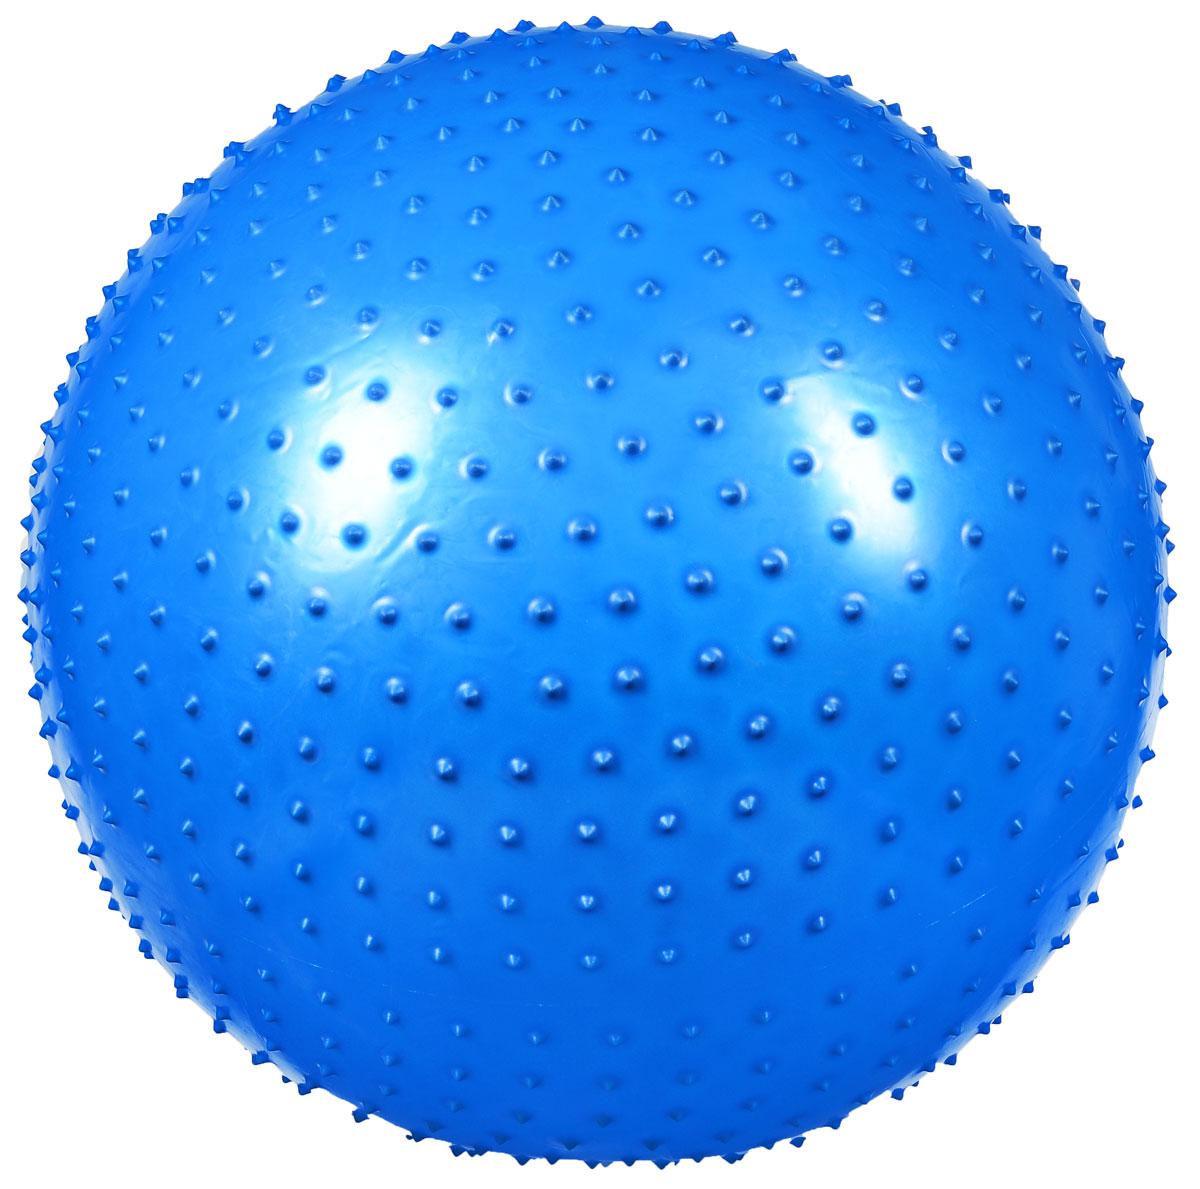 Фитбол массажный Ironmaster, цвет: синий, диаметр 75 смIR97404/75Фитбол массажный Ironmaster, сделан из прочного силикона и часто используется в качестве спортивного инвентаря при занятиях фитнесом. Округлые выступы стимулируют кровообращение и оказывают легкое массажное действие.Изделие пригодится как начинающим, так и опытным спортсменам. Фитбол позволит существенно улучшить показатели независимо от вашего уровня подготовки. Фитбол идеально подходит для упражнений на растяжку, силовых упражнений и зарядки. Занятия с использованием фитбола позволят укрепить мышцы спины, живота, рук и ног.Фитбол легко транспортировать, поэтому его можно использовать для занятий как дома, так и в любом другом удобном месте.На упаковке приведены примеры упражнений с описанием и картинками.УВАЖАЕМЫЕ КЛИЕНТЫ!Обращаем ваше внимание на тот факт, что фитбол поставляется в сдутом виде. Насос входит в комплект.